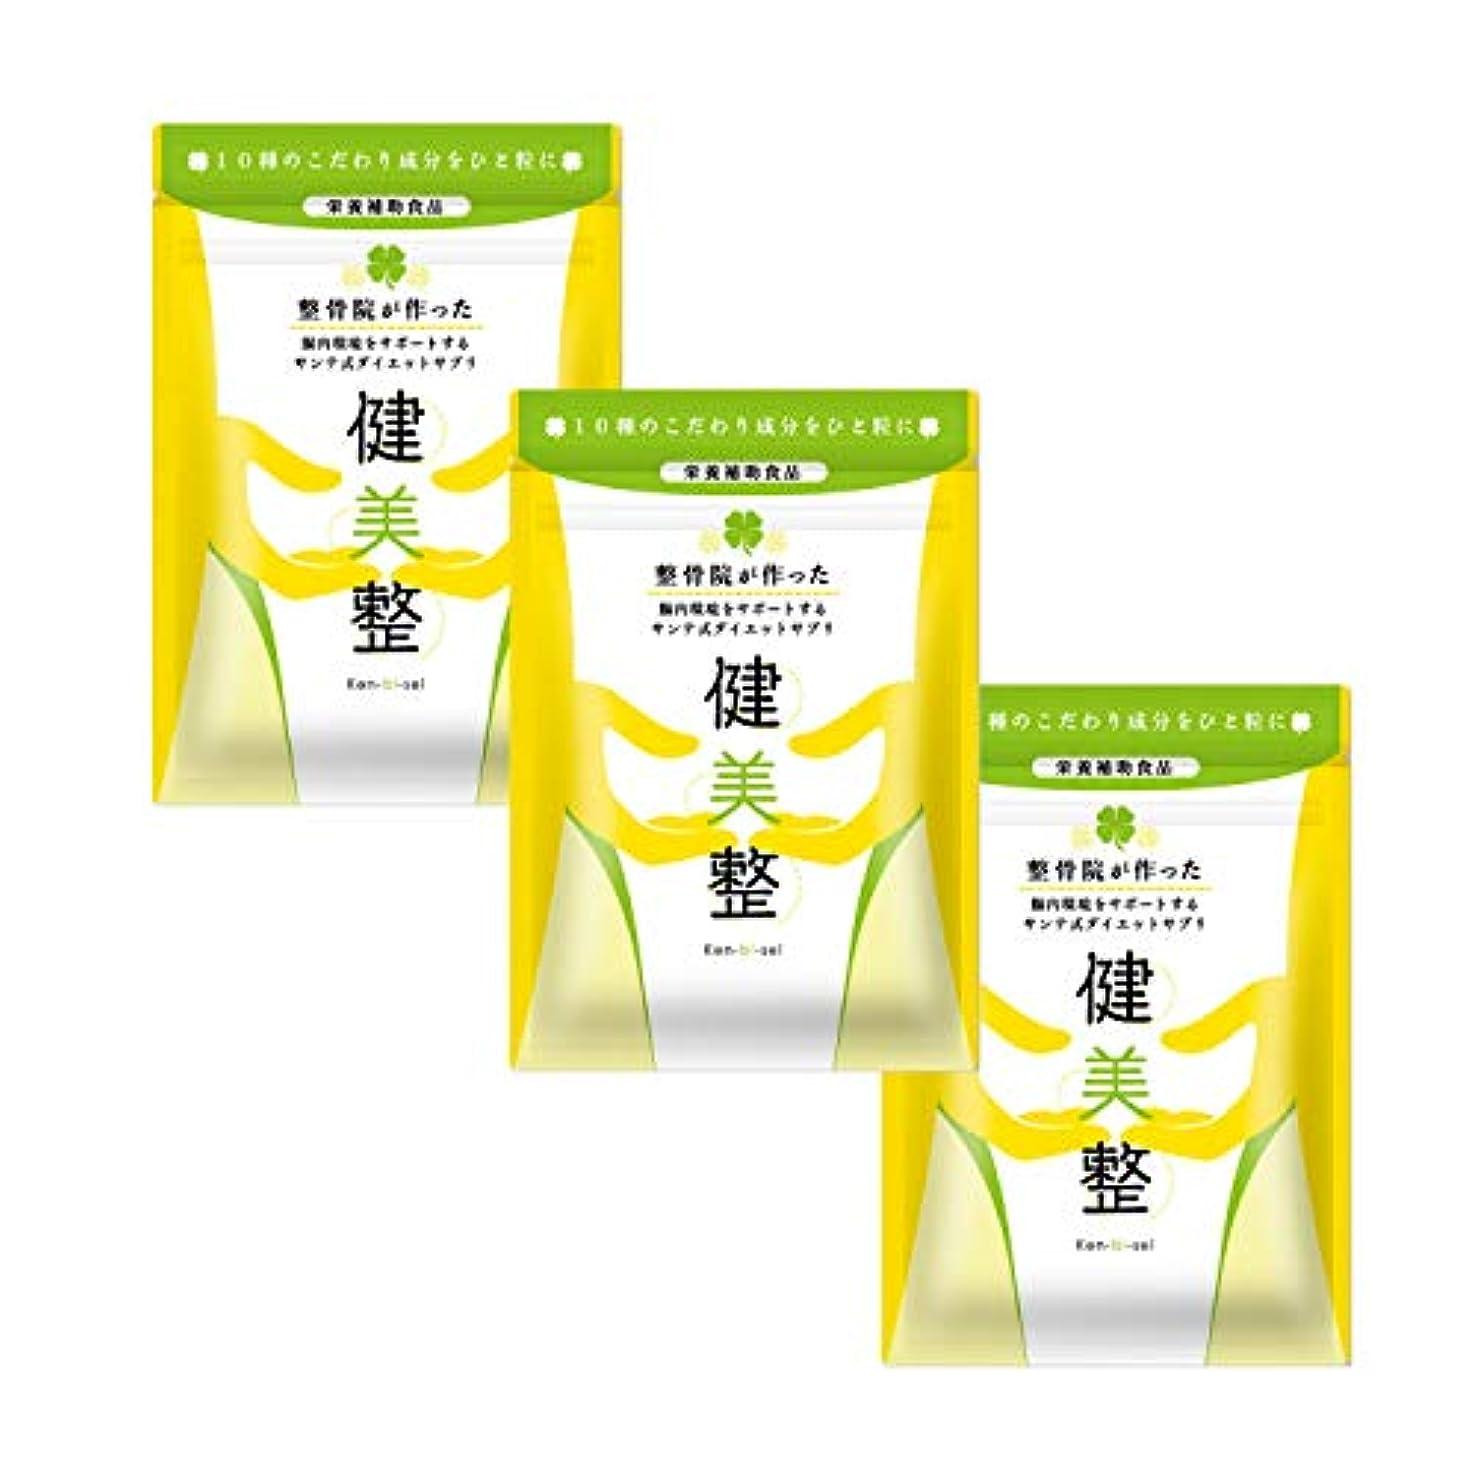 家練る創造サプリメント ダイエット 酵素 腸内 健美整 人気 腸内環境 60粒1か月分 (3)